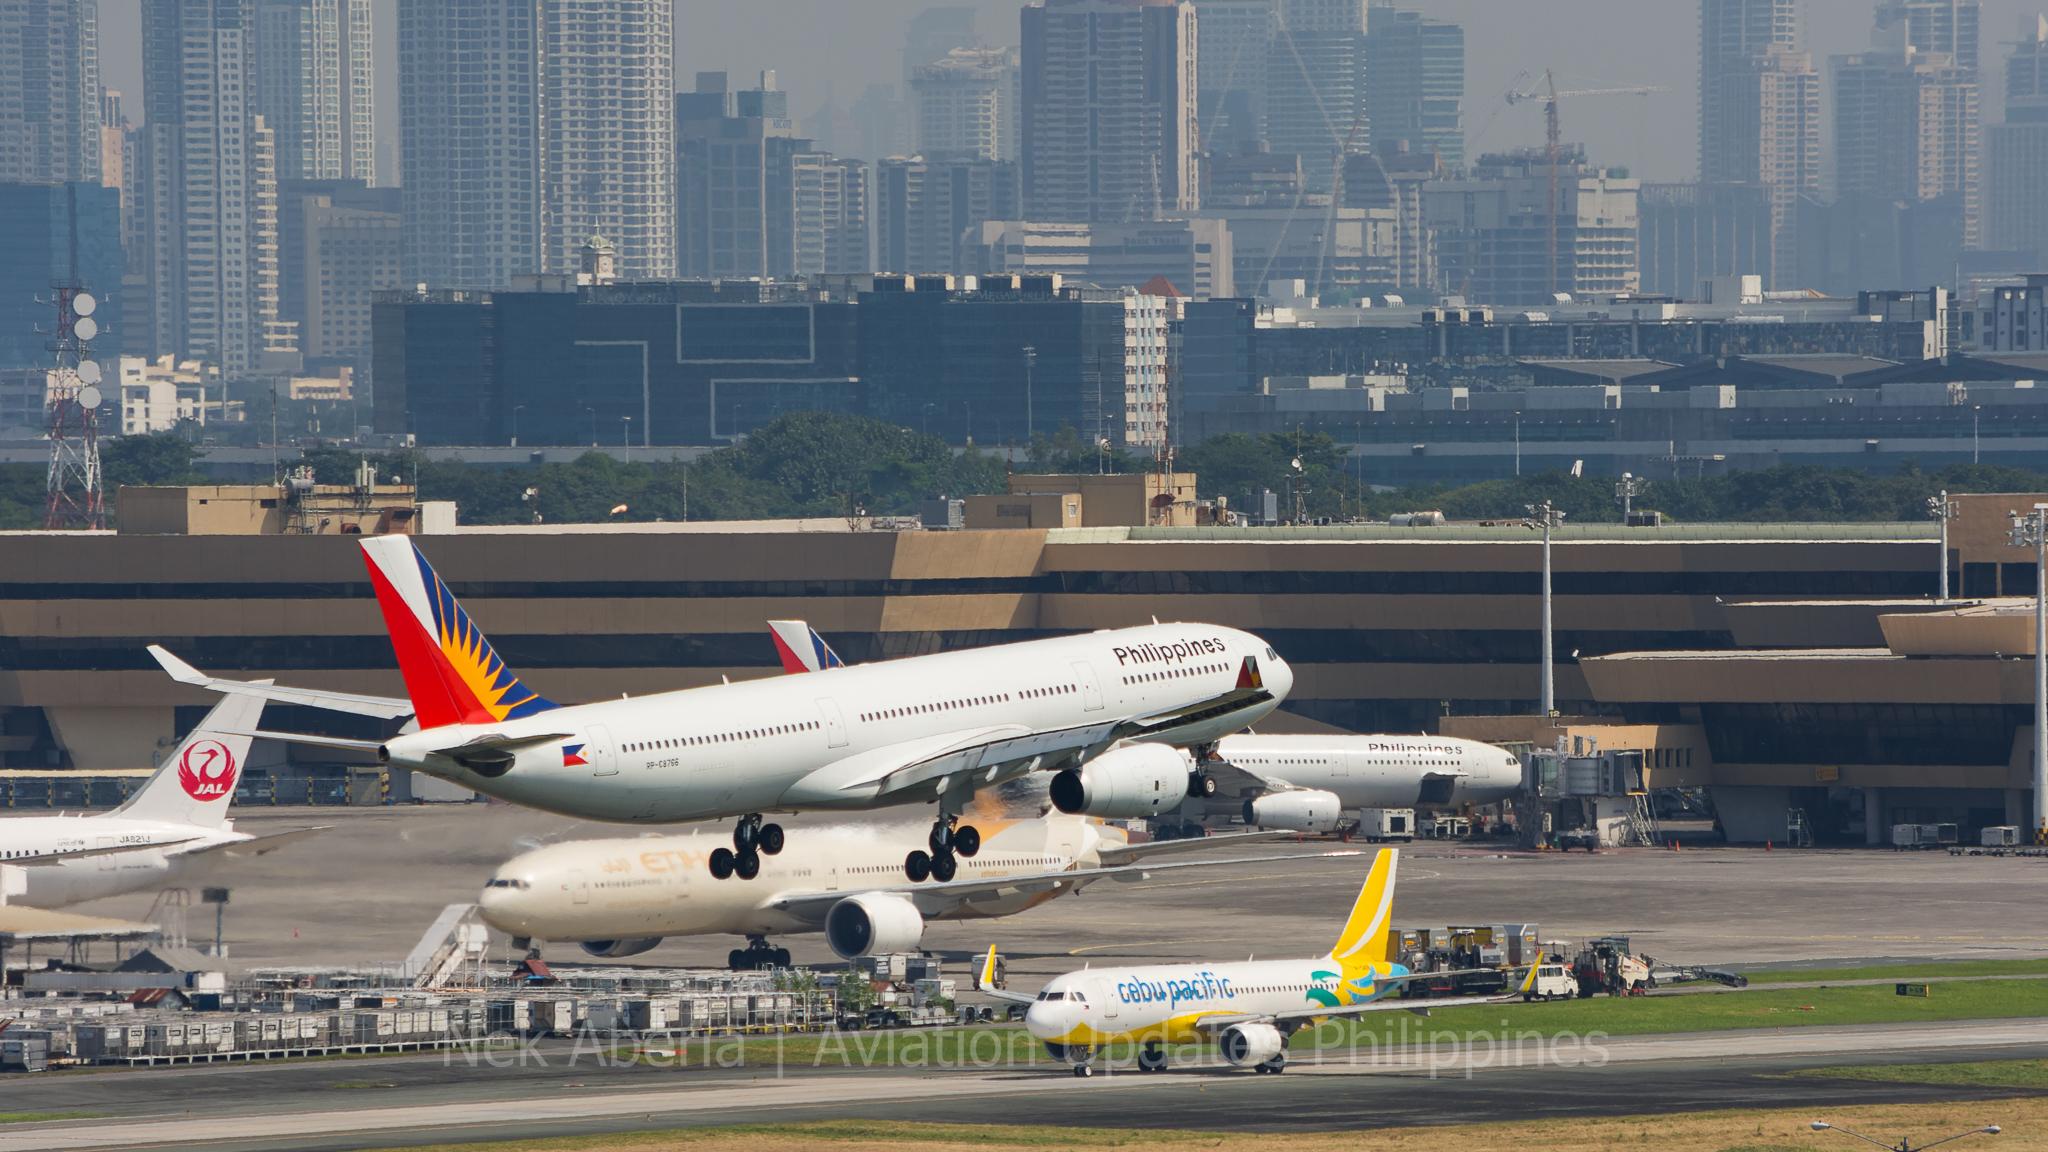 Philippine aviation